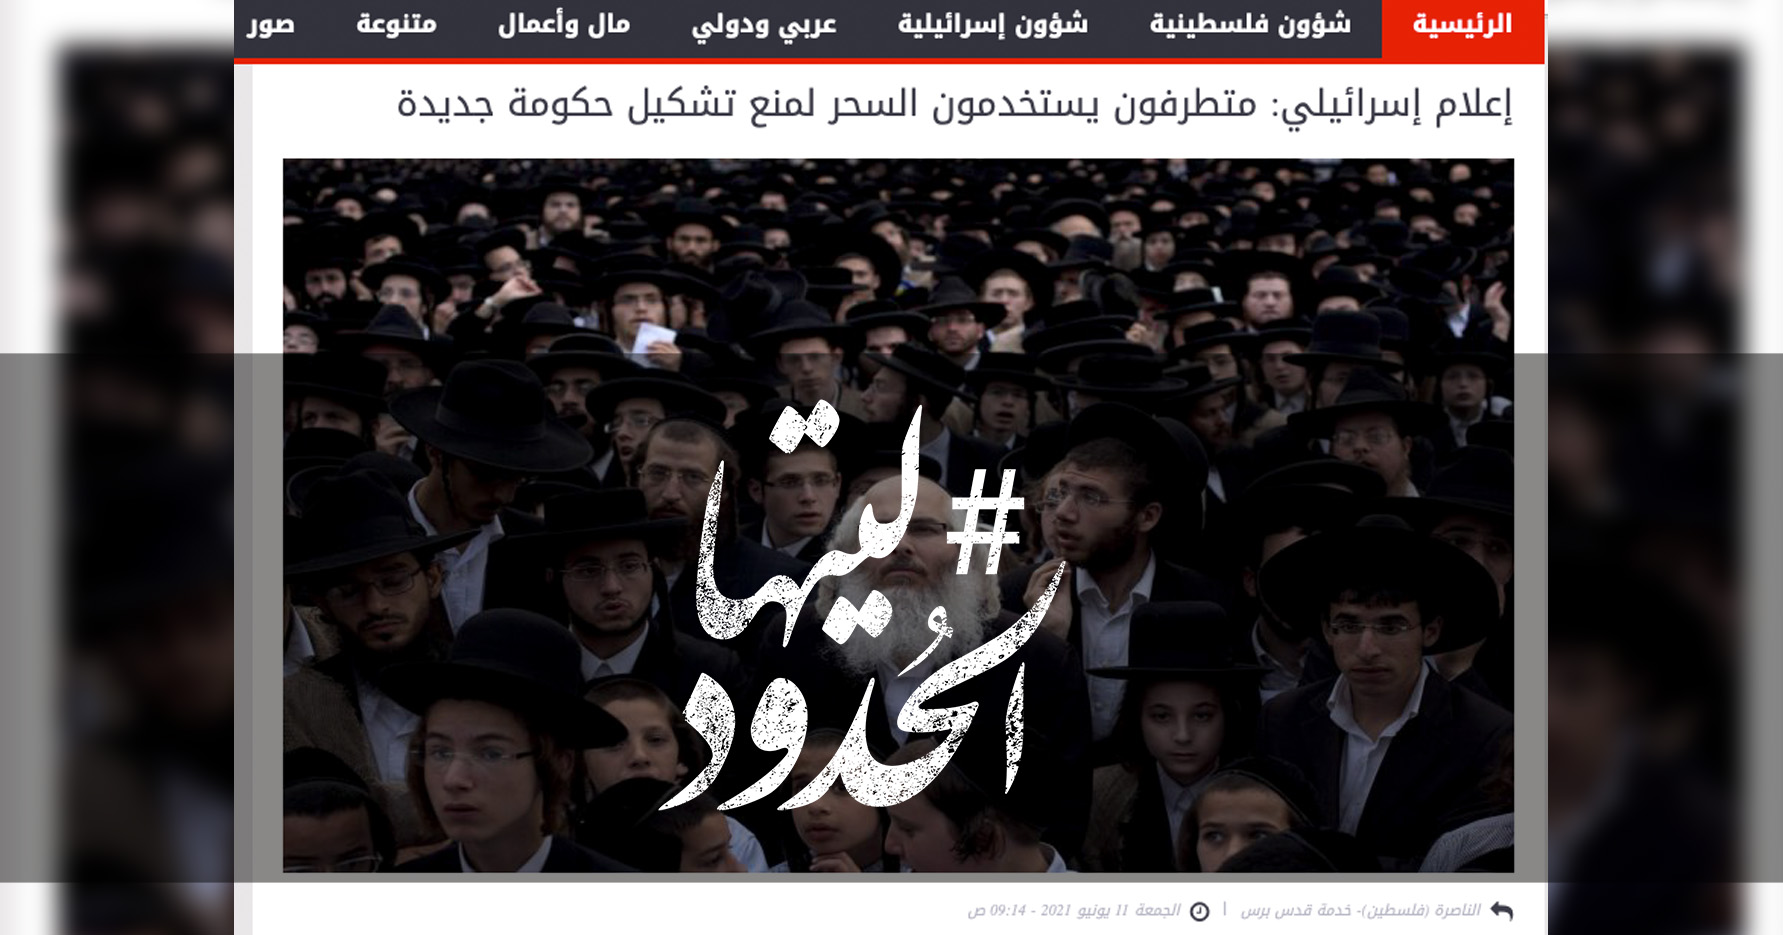 صورة إعلام إسرائيلي: متطرفون يستخدمون السحر لمنع تشكيل حكومة جديدة